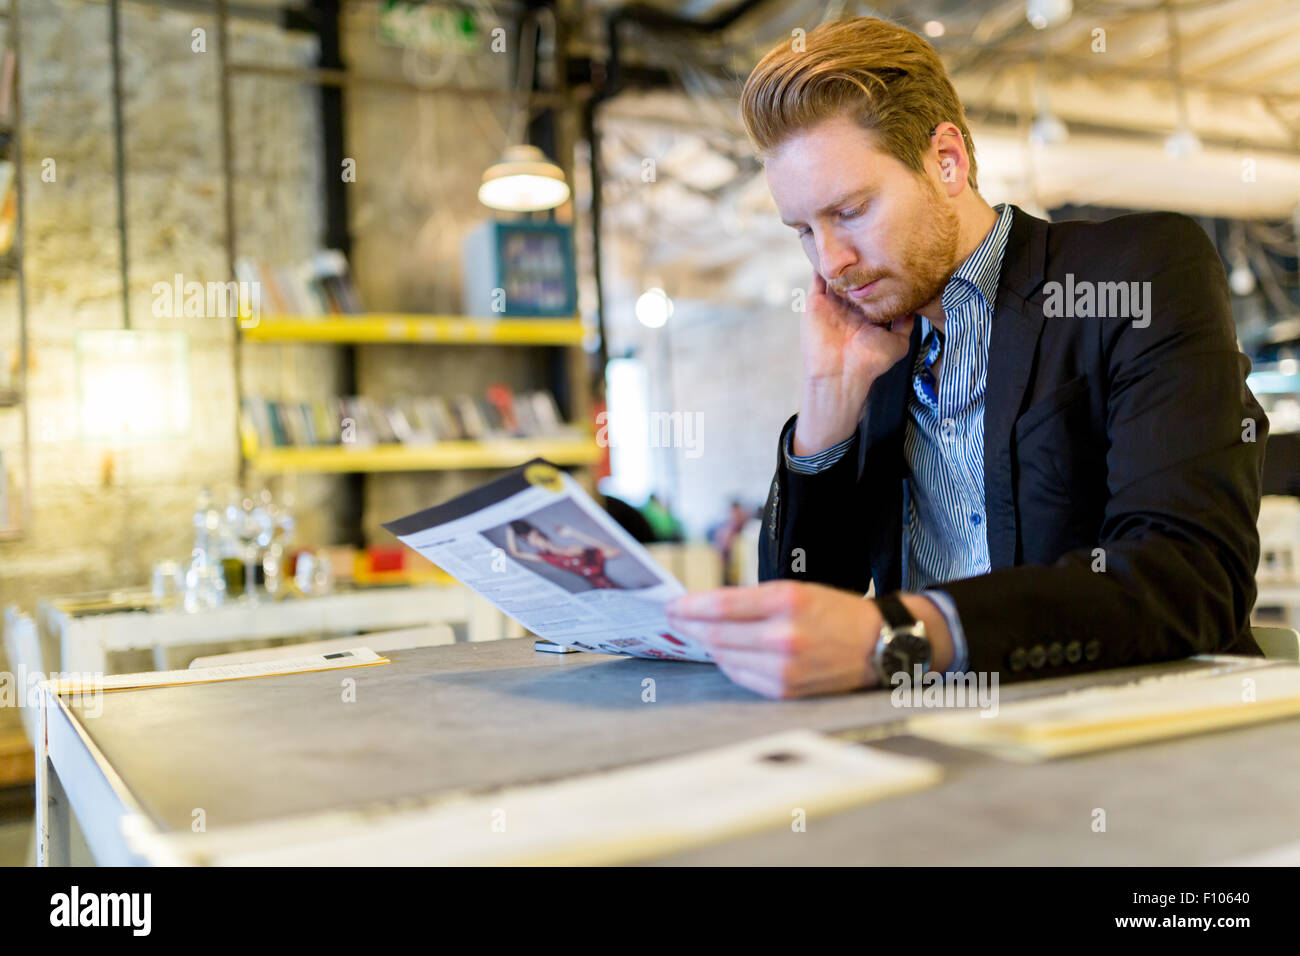 Imprenditore confuso la lettura della carta in un ristorante Immagini Stock